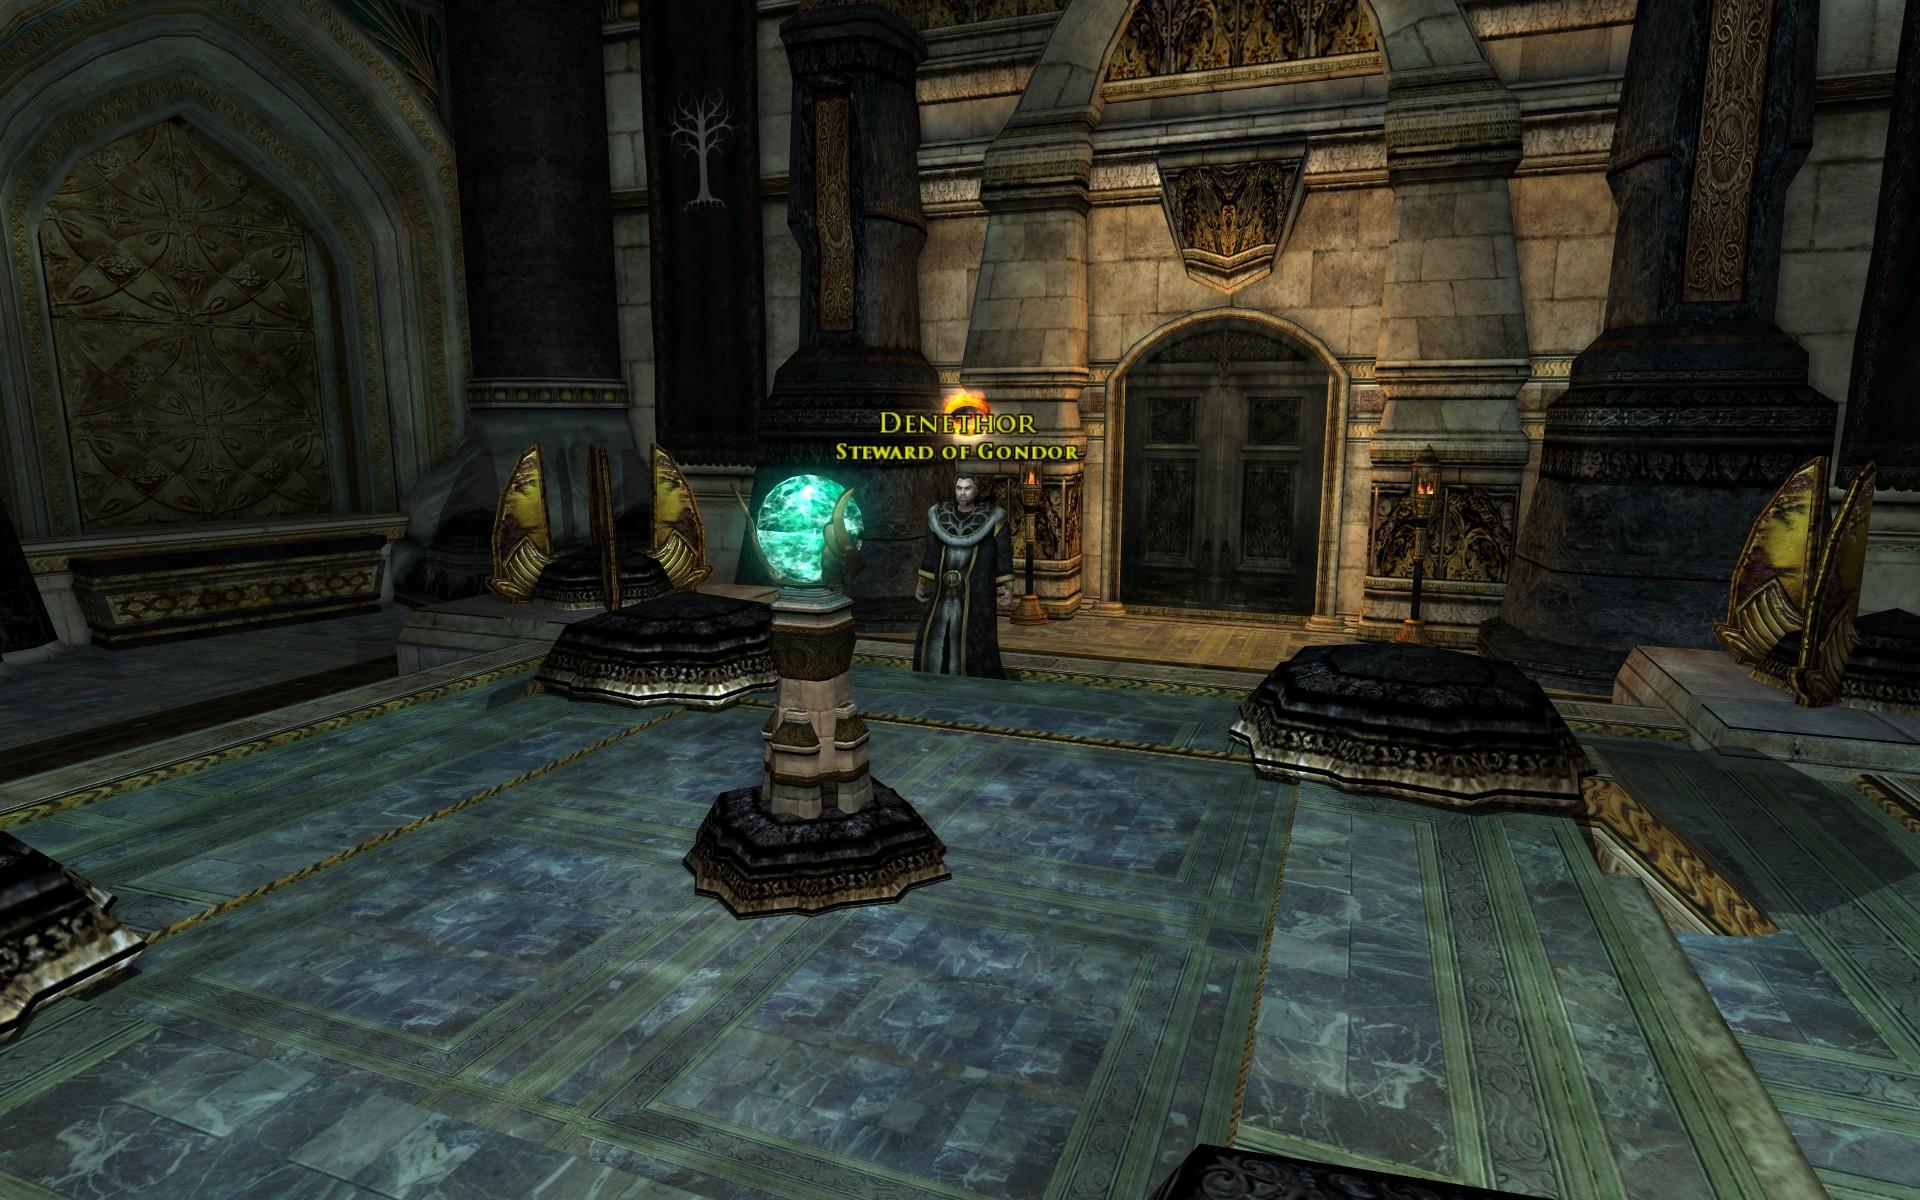 『ロード・オブ・ザ・リングス オンライン』における白の塔のパランティーアの部屋(secret chamber high in the Tower of Ecthelion)